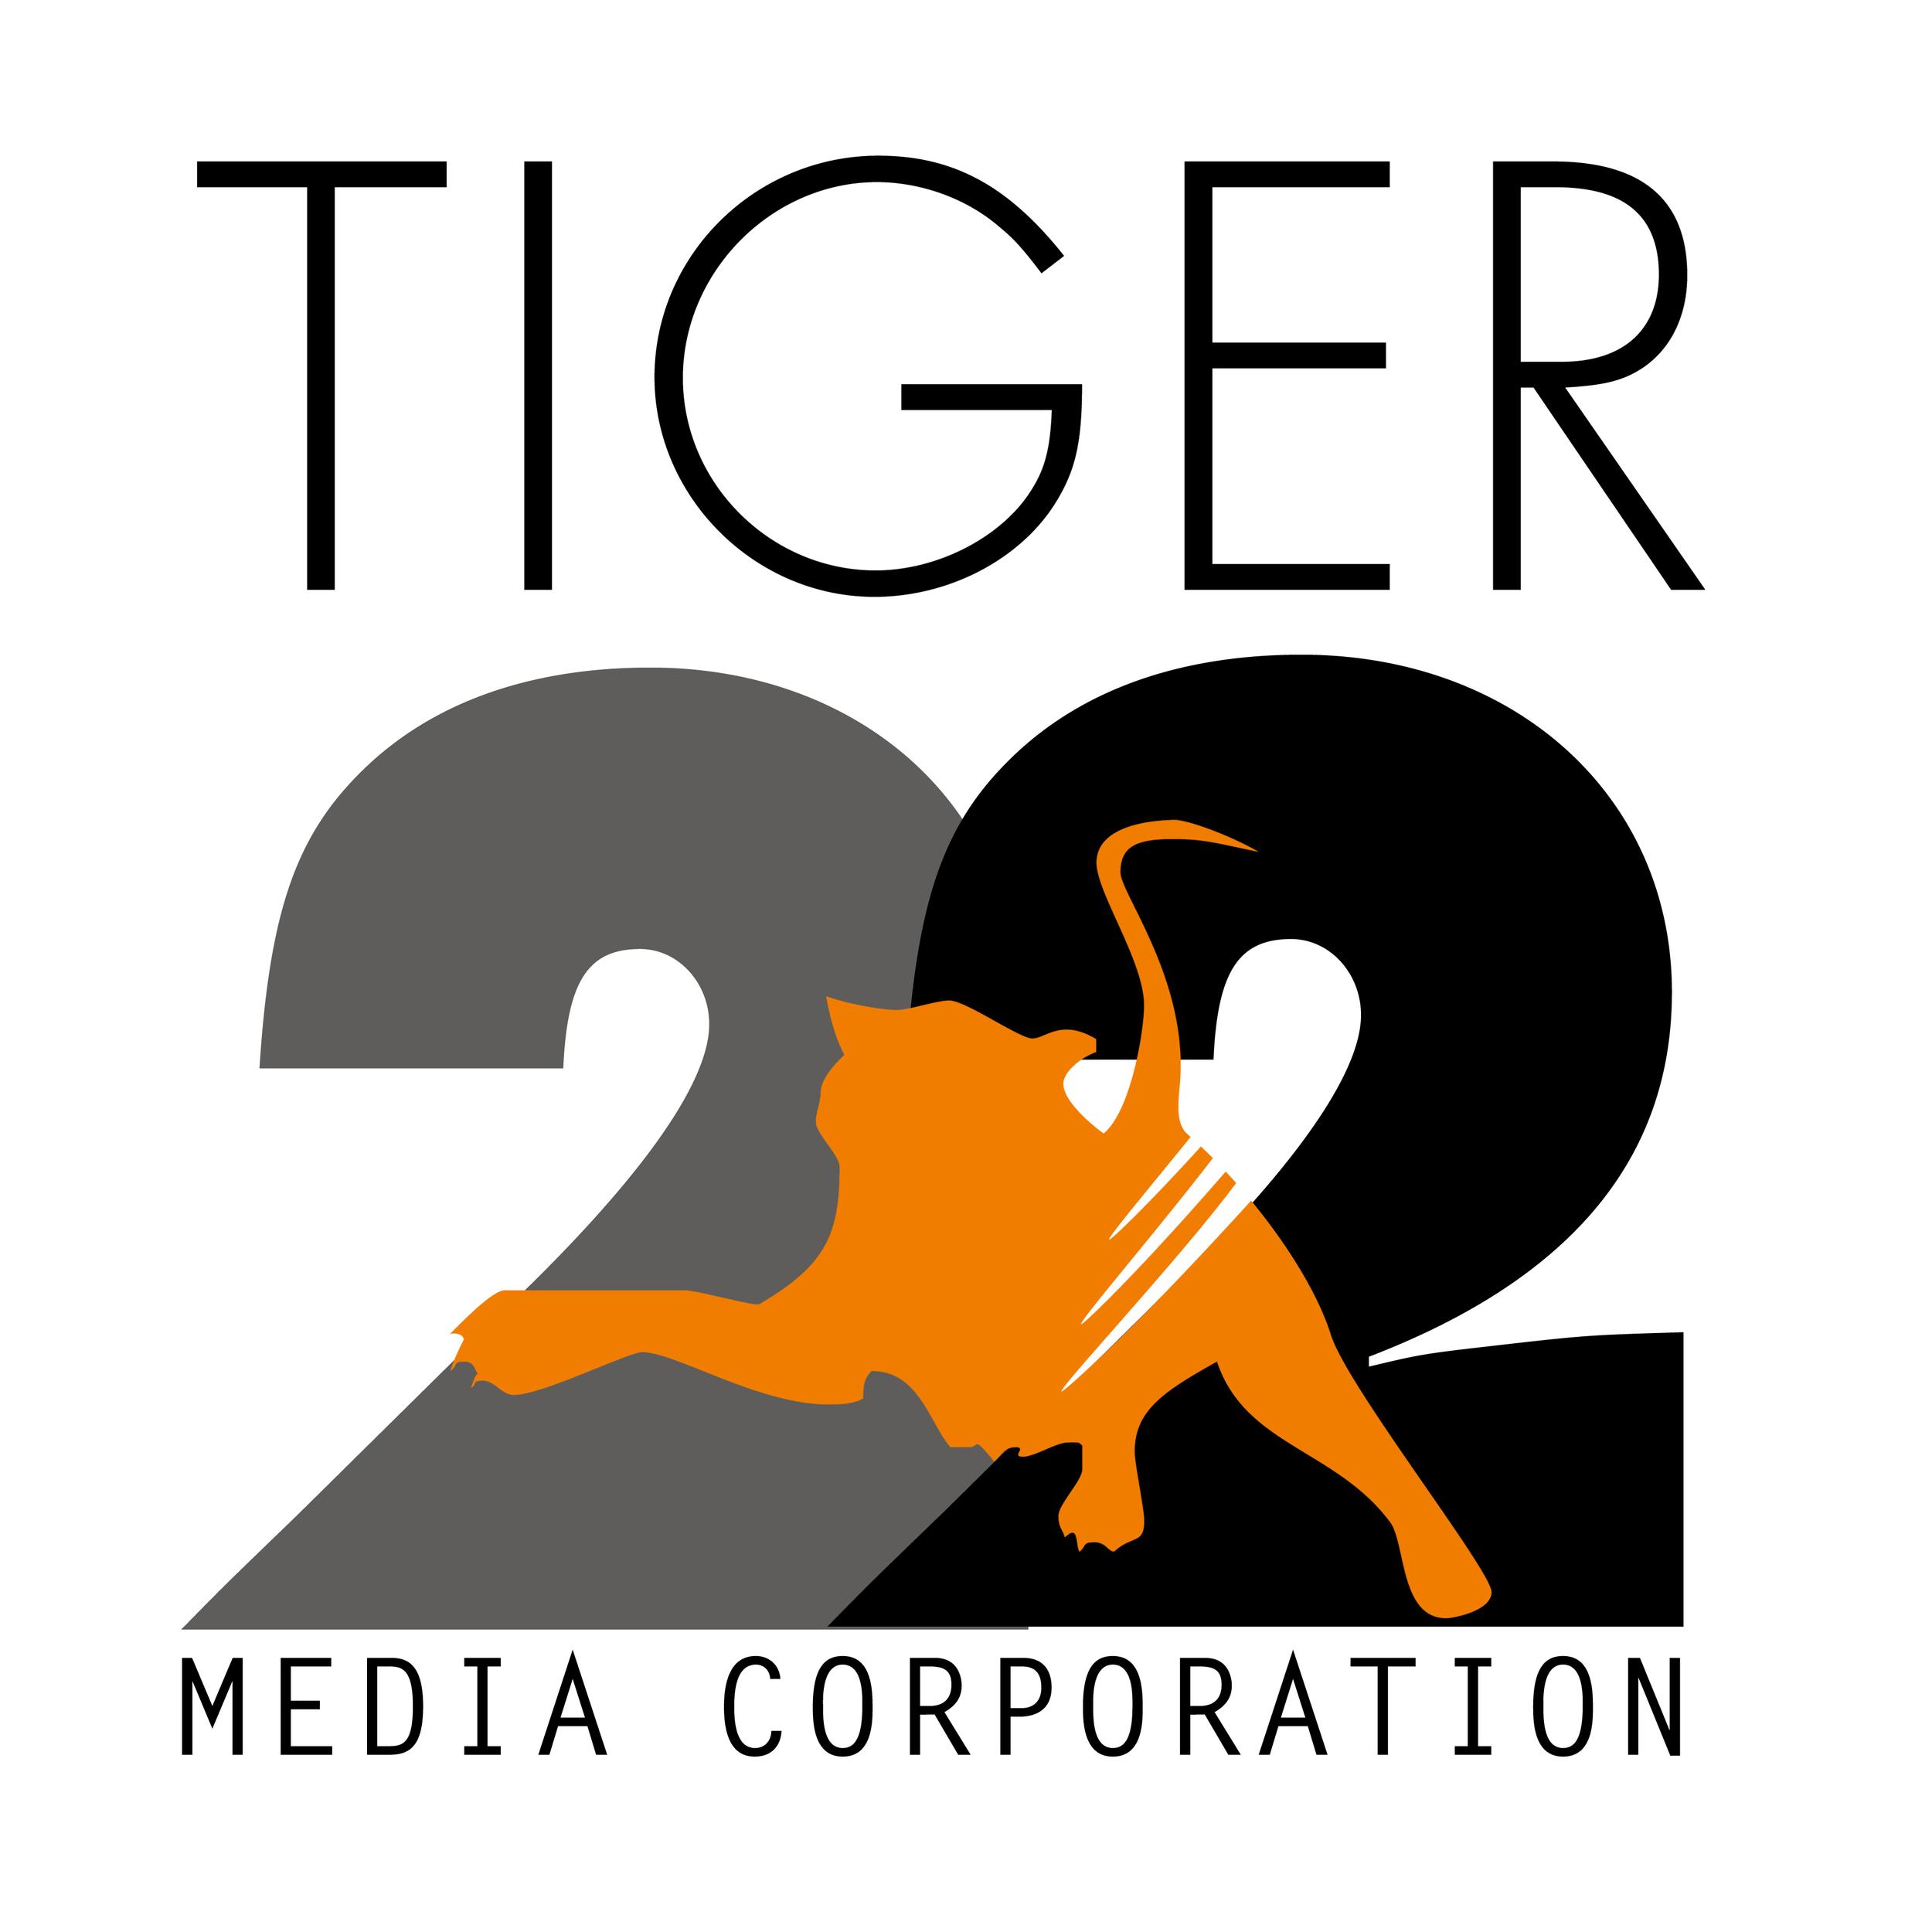 tiger 22 logo copy.jpg